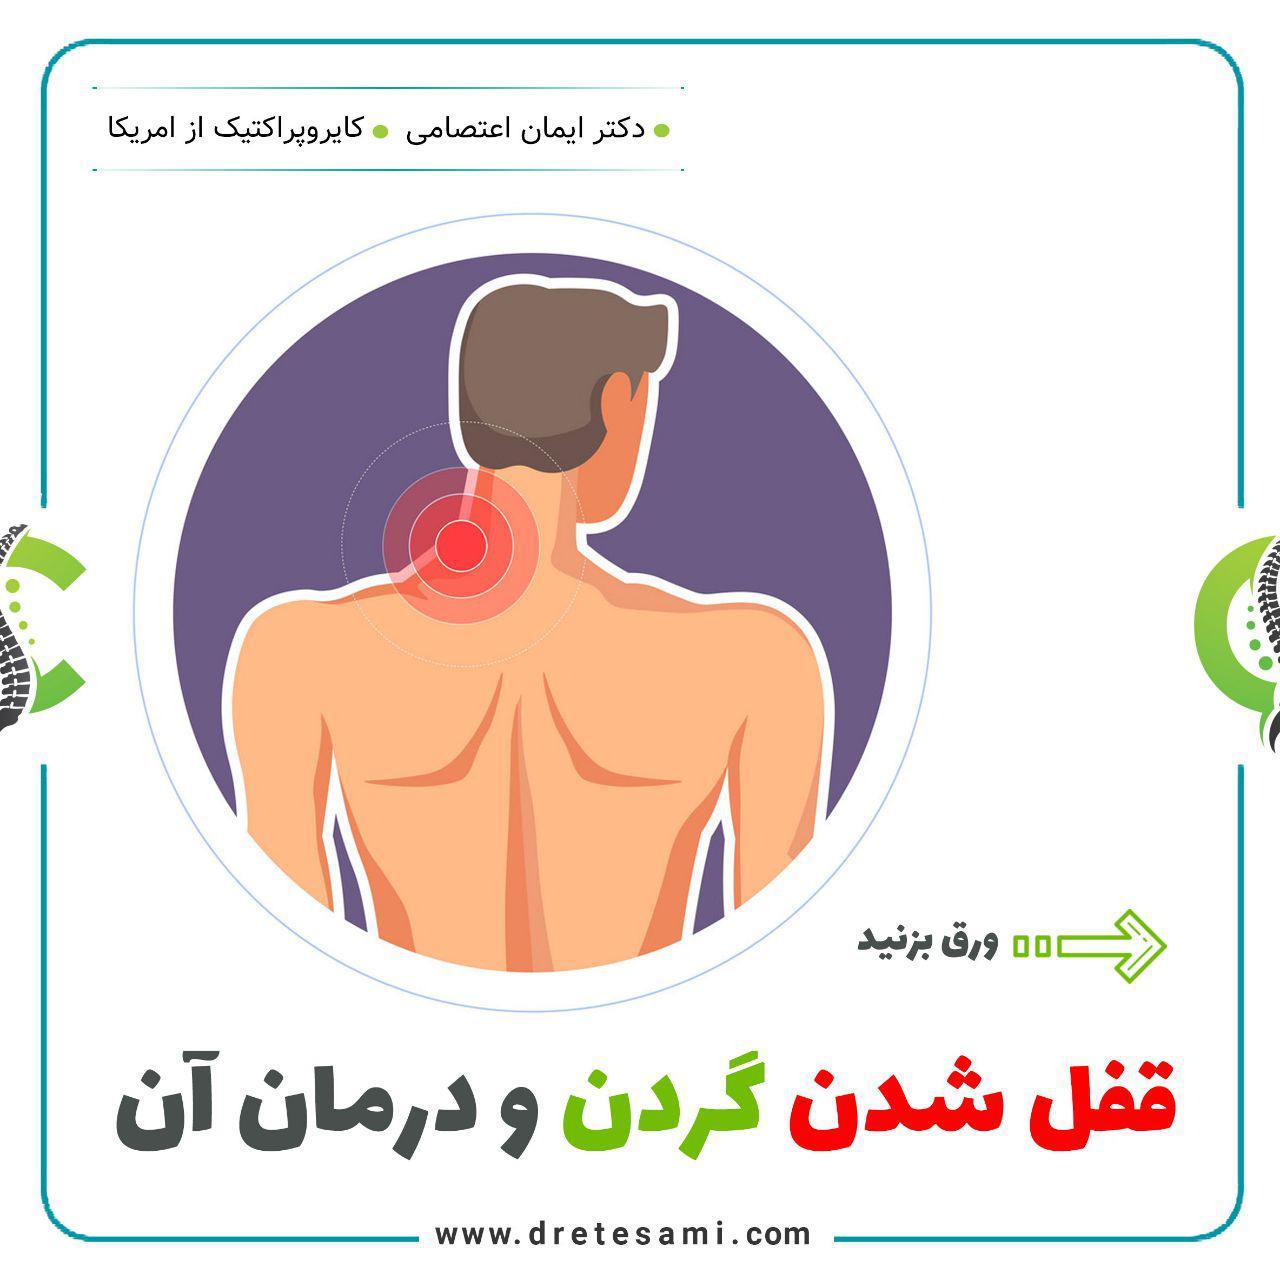 قفل شدن گردن و درمان آن